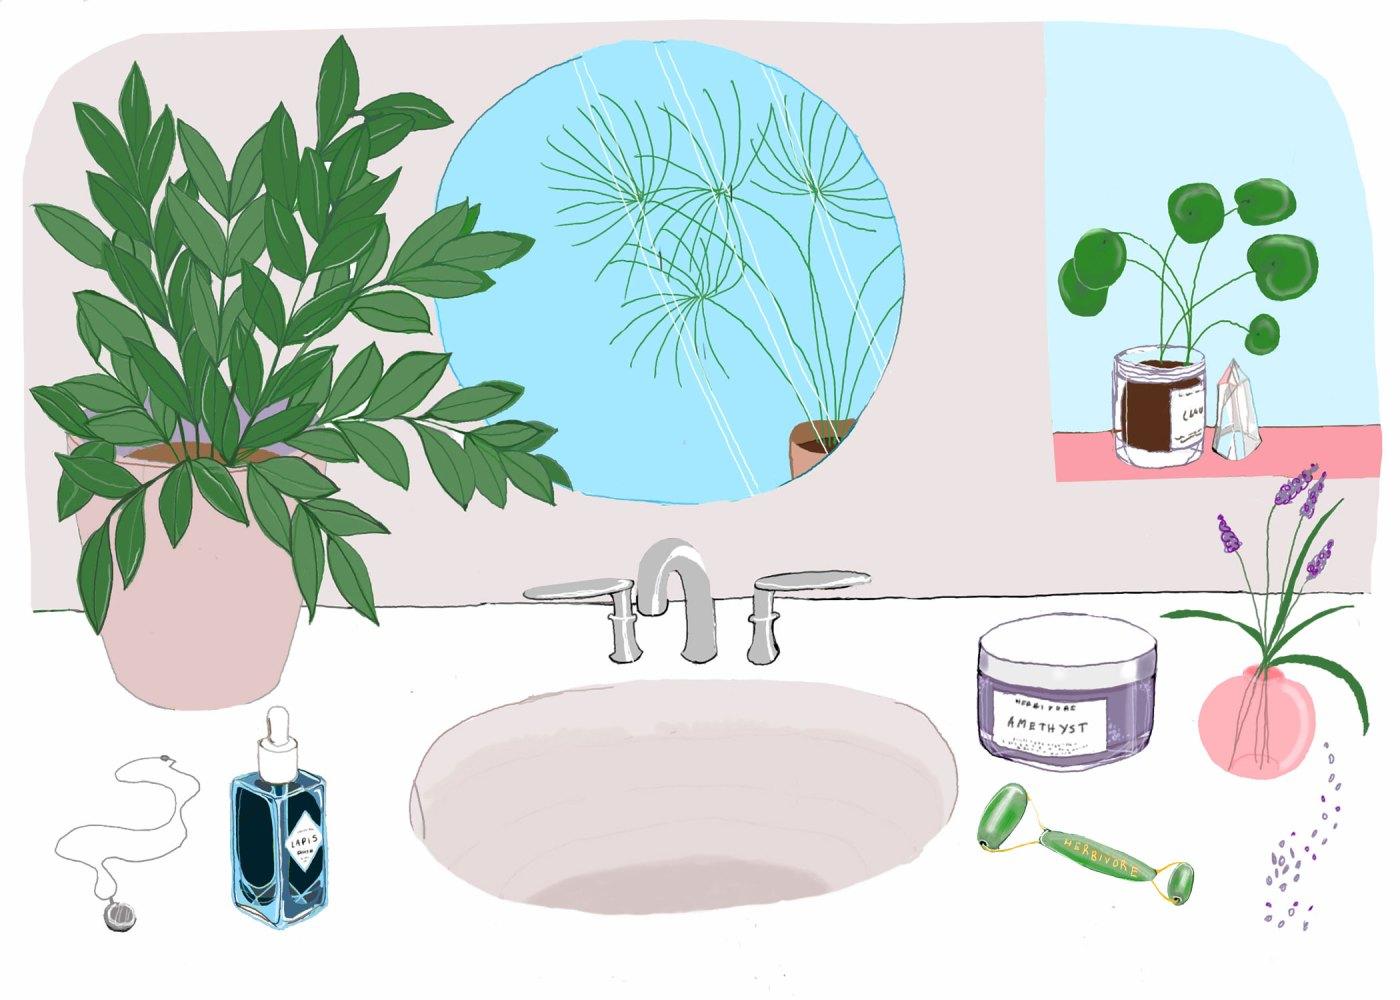 Six Bathroom Decor Tips for Good Energy + Vibes